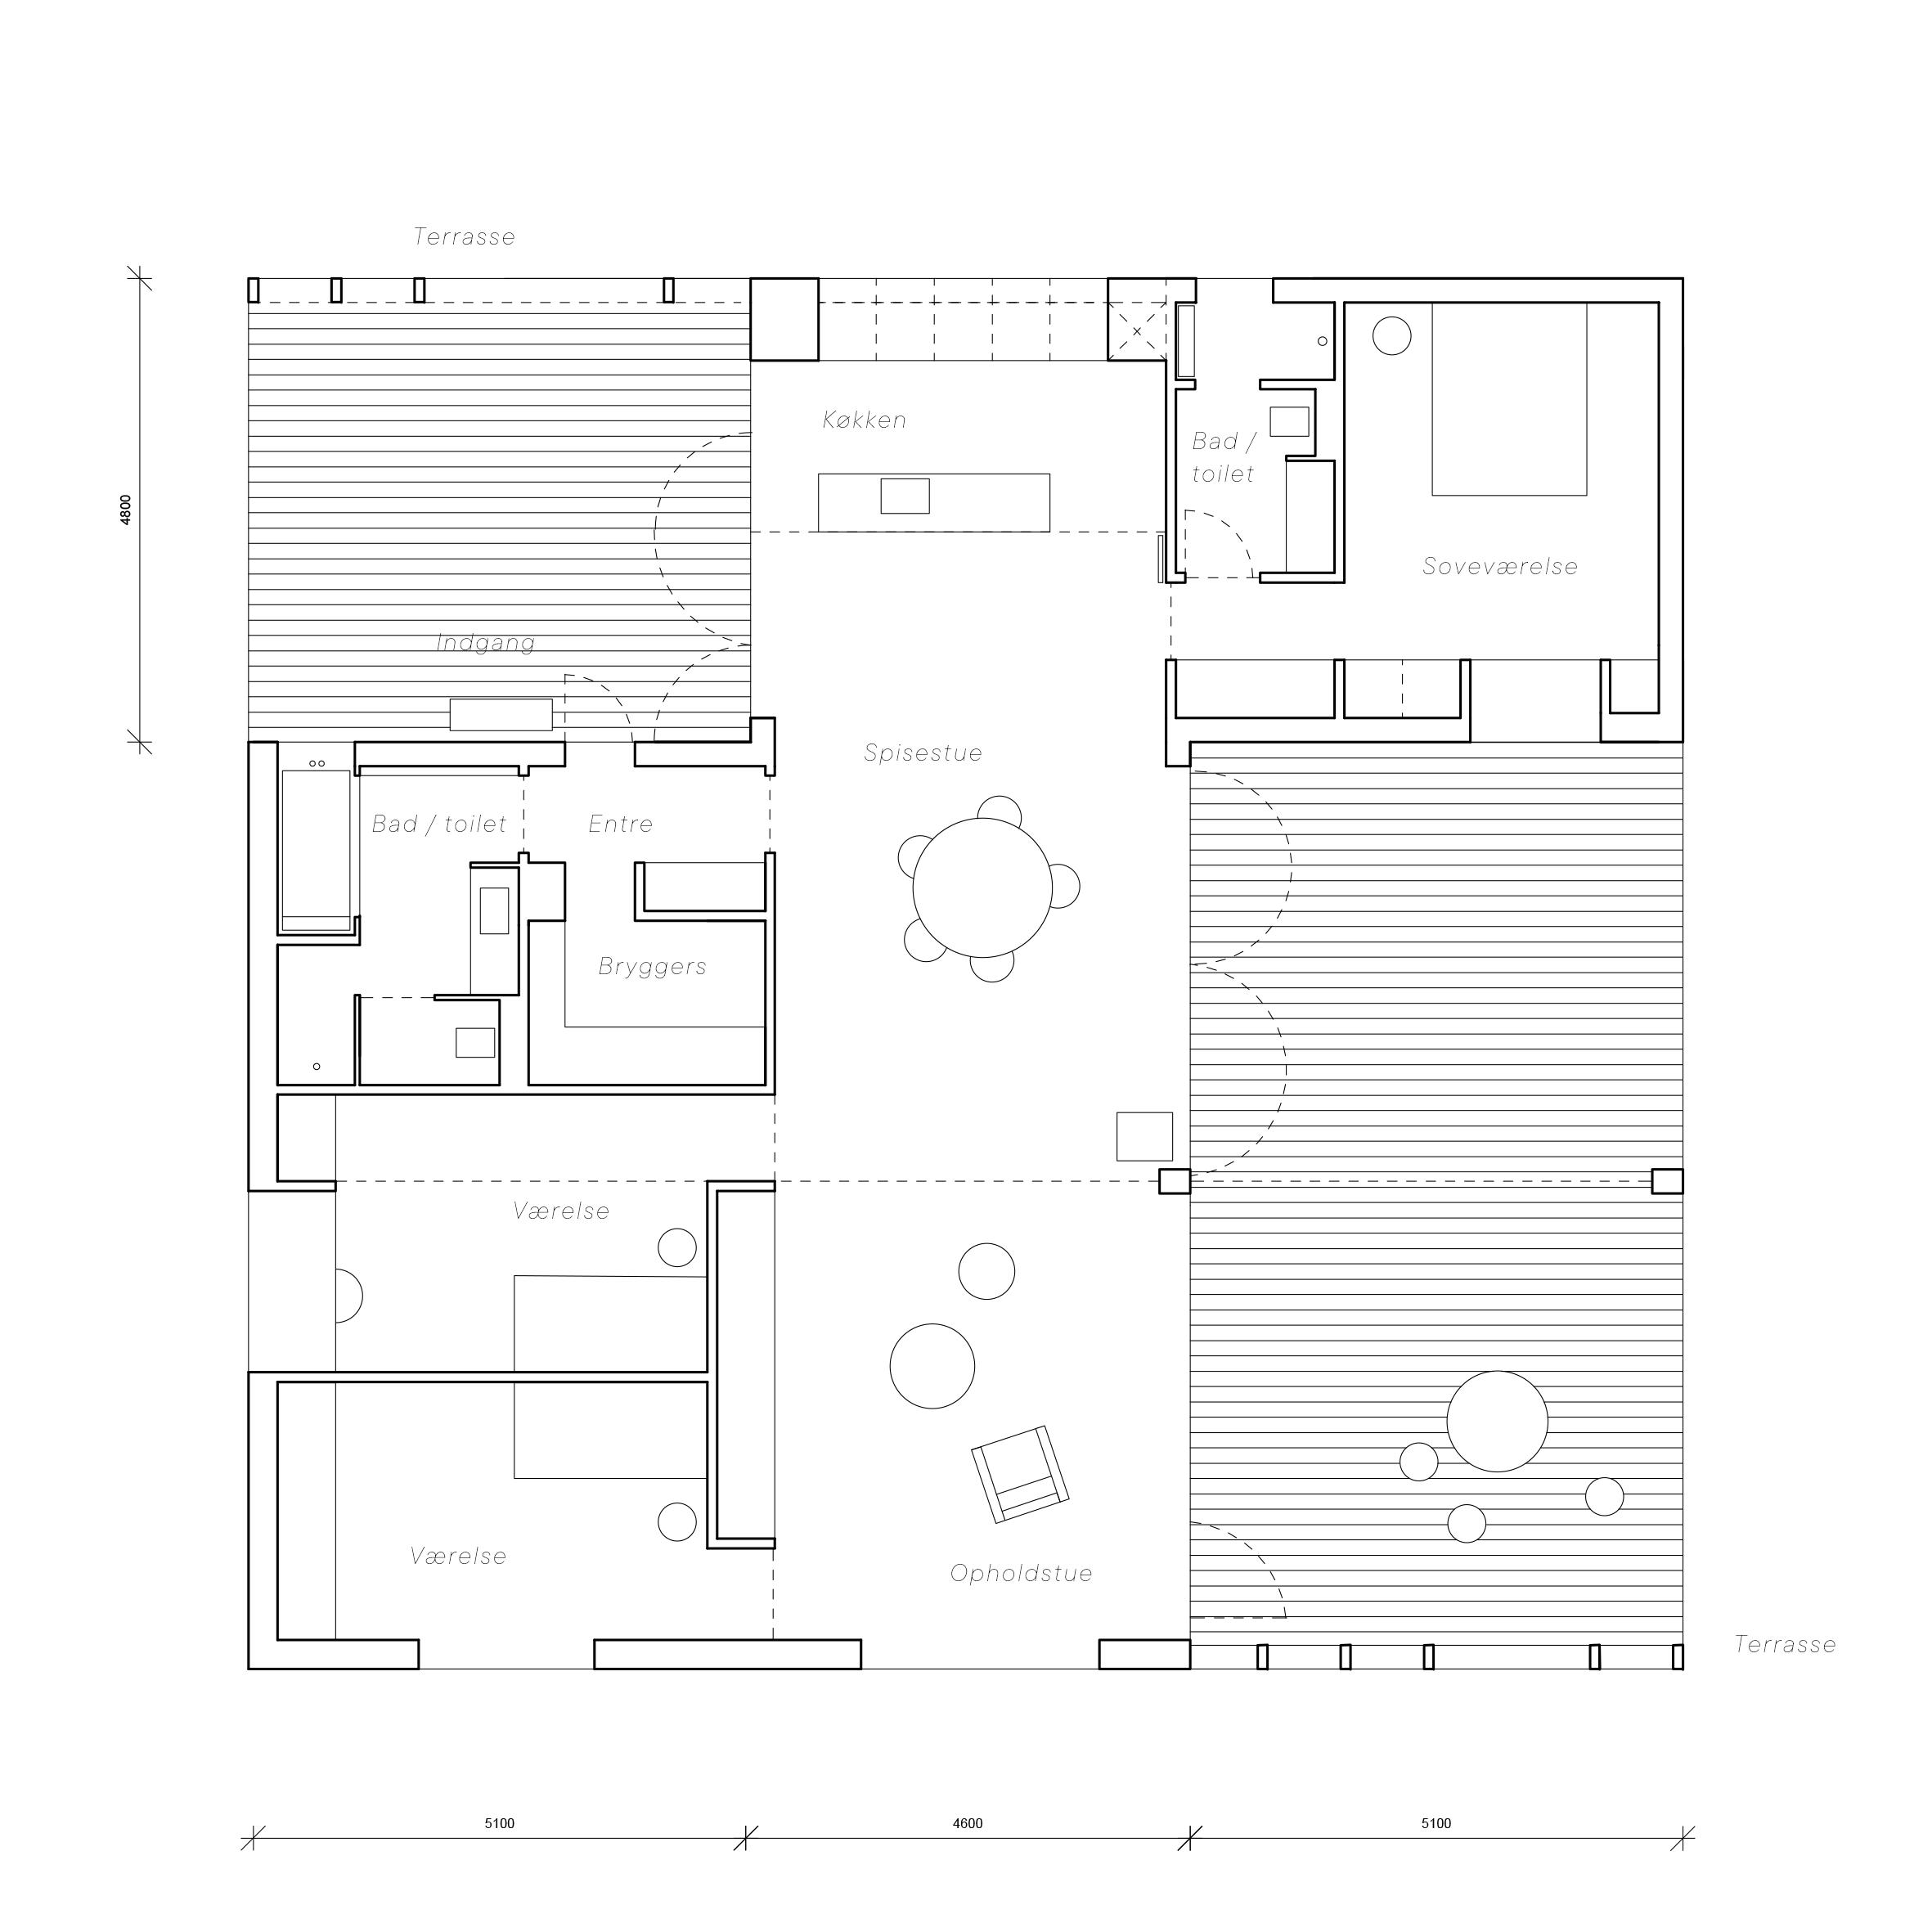 3 modul, plan